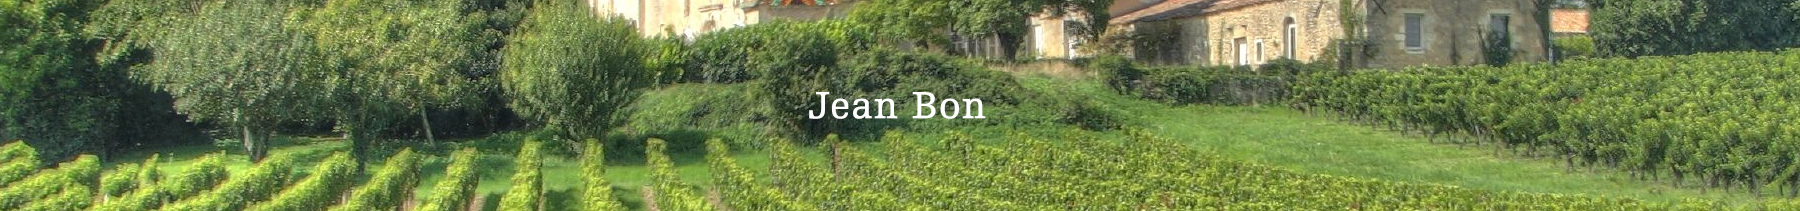 Jean Bon